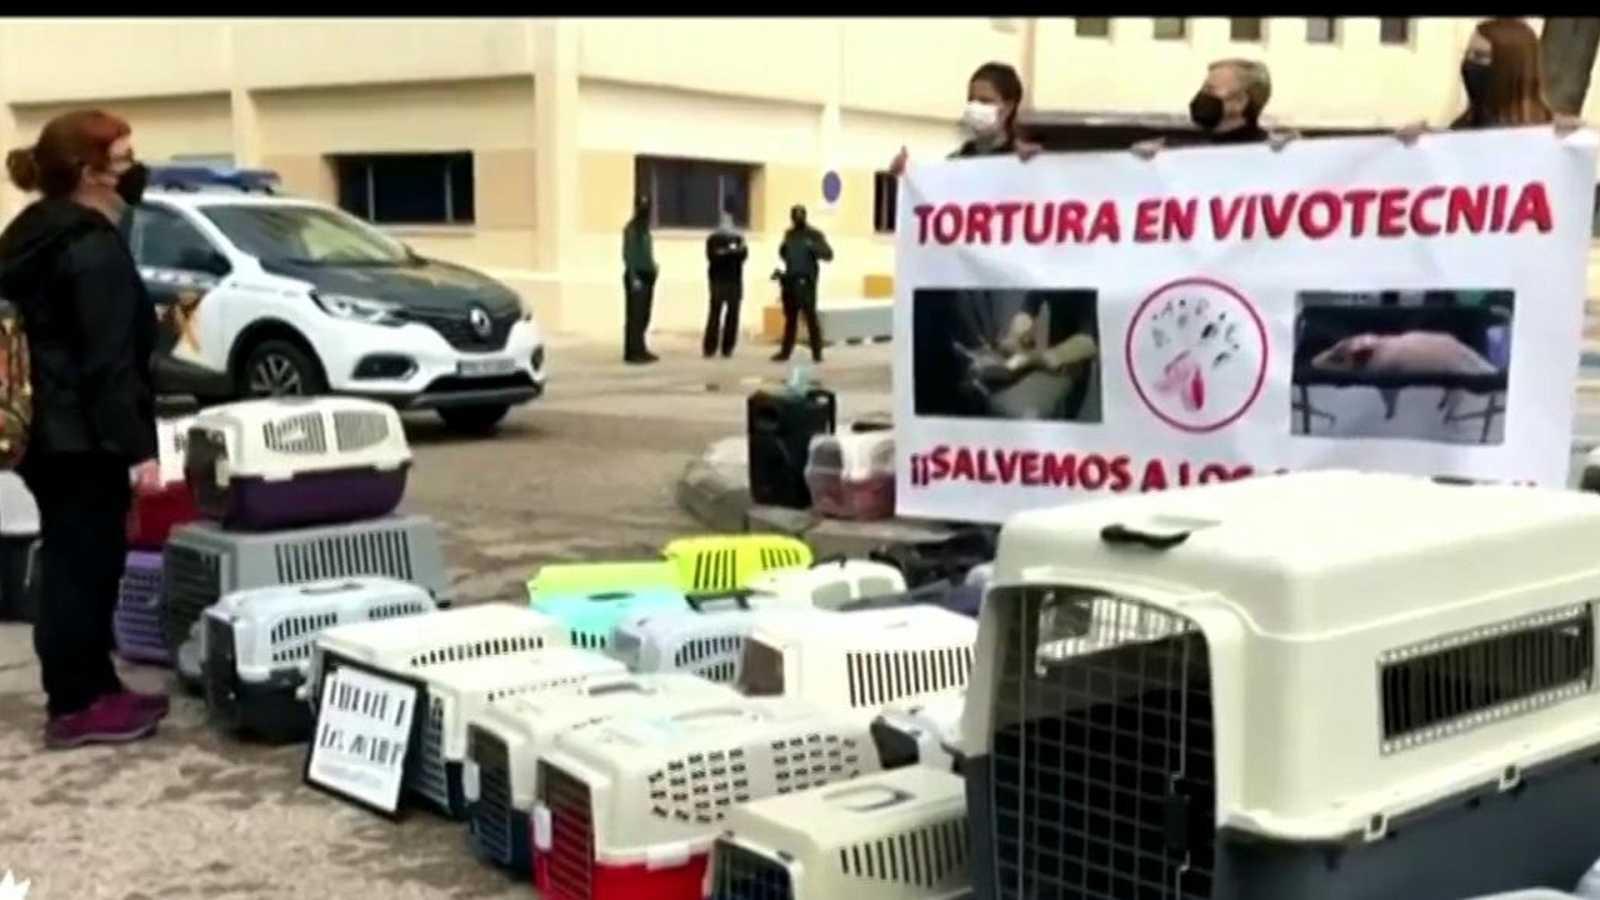 La Comunidad de Madrid suspende la actividad investigadora de Vivotecnia por presunto maltrato animal